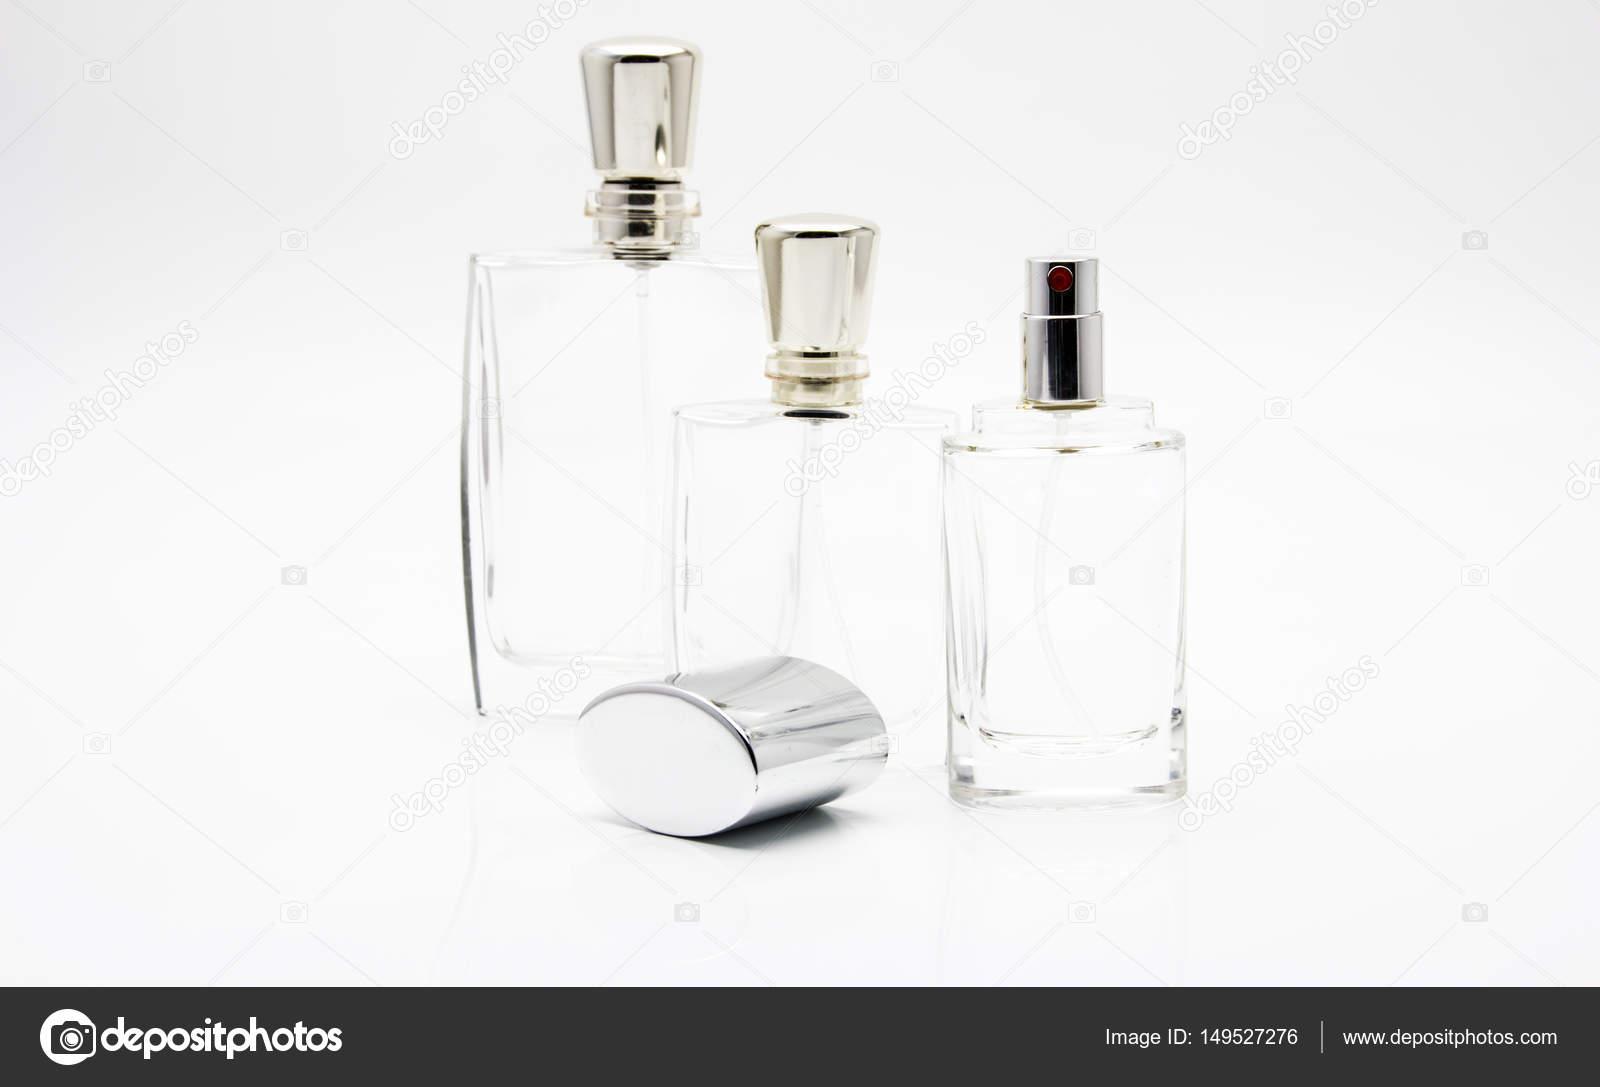 149527276 Torsak Parfum Photographie Bouteilles De Vide Dobewrqcx